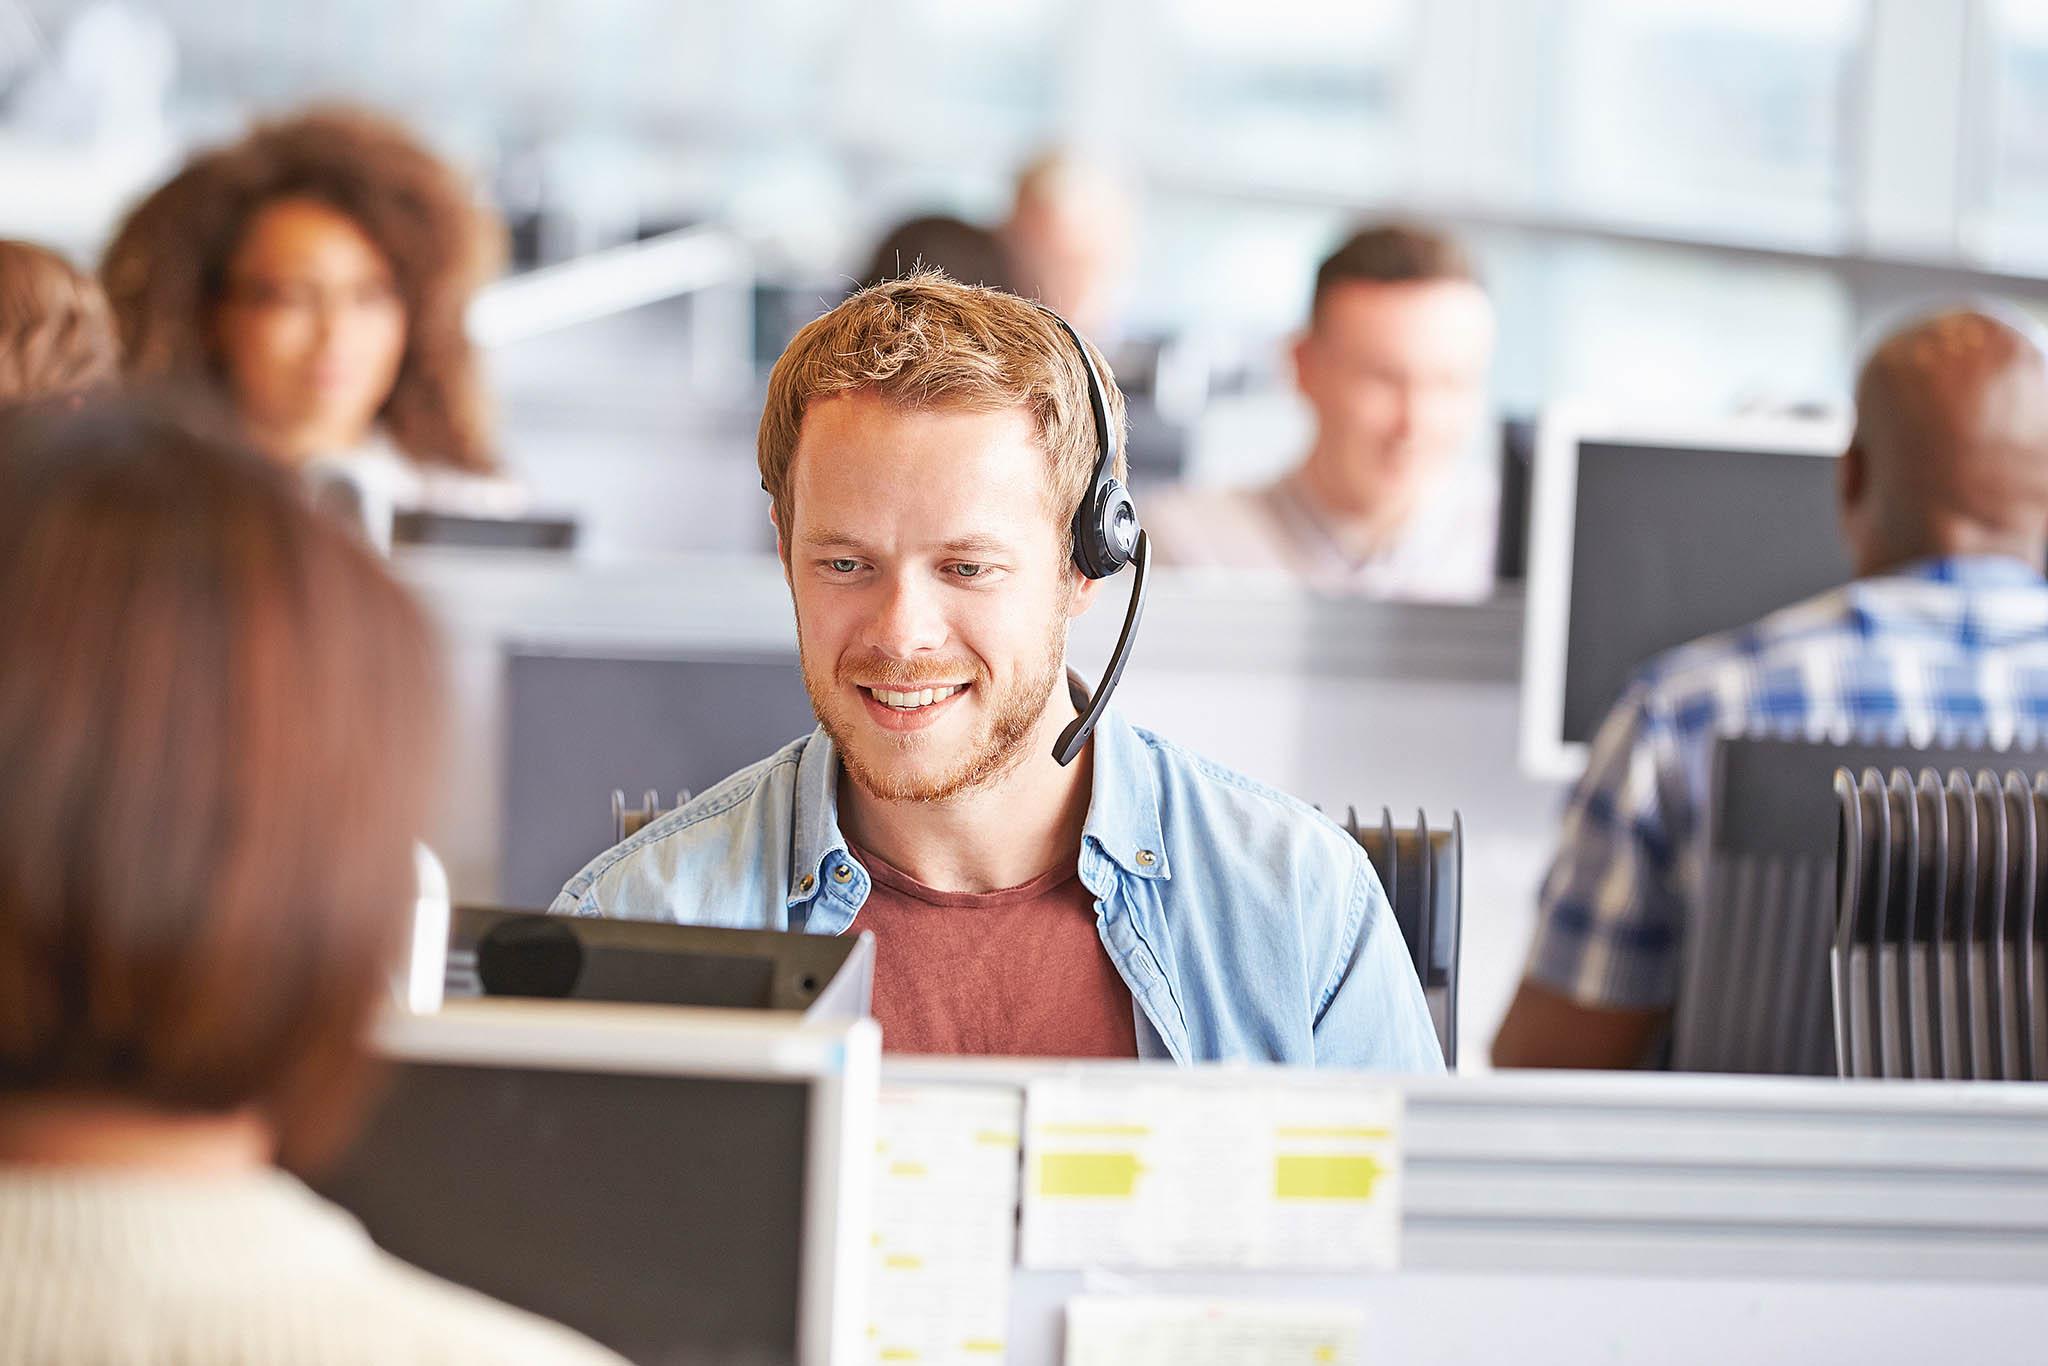 Pomocí chatbotů a voicebotů je možné odbavit většinu opakujících se dotazů a požadavků zákazníků a snížit tak nápor na operátory kontaktních center.